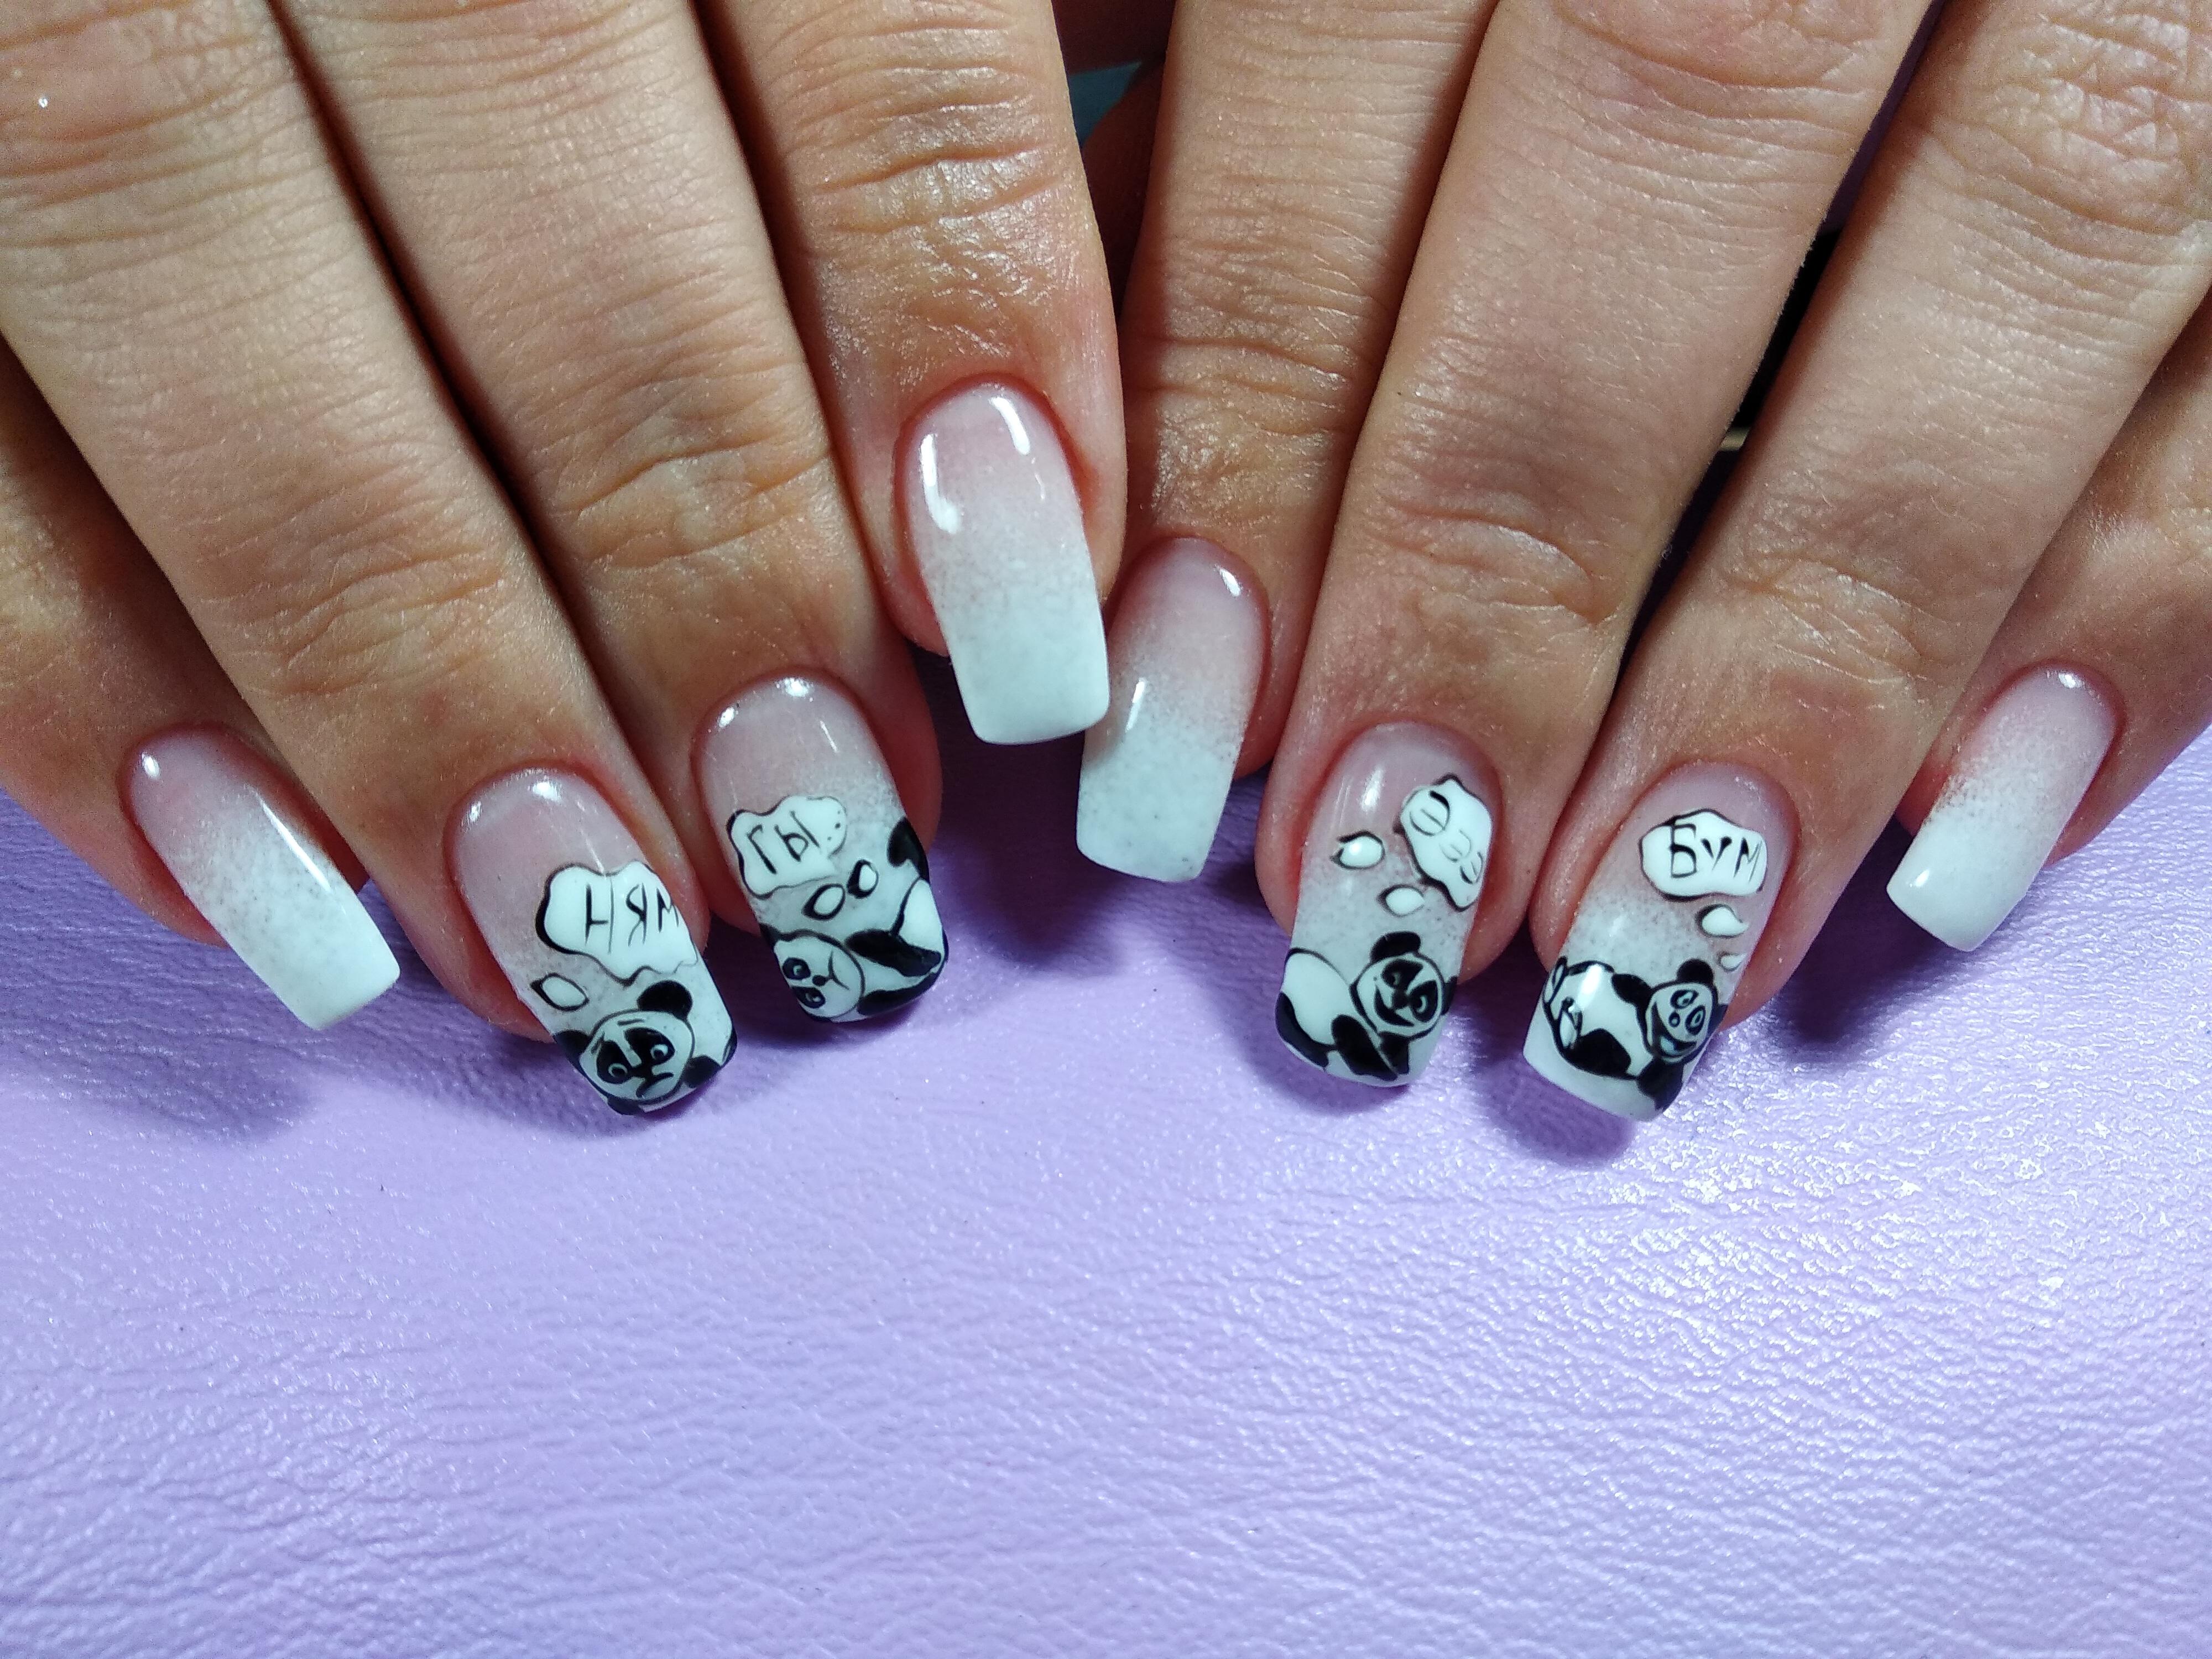 Нюдовый маникюр с пандами и градиентом.